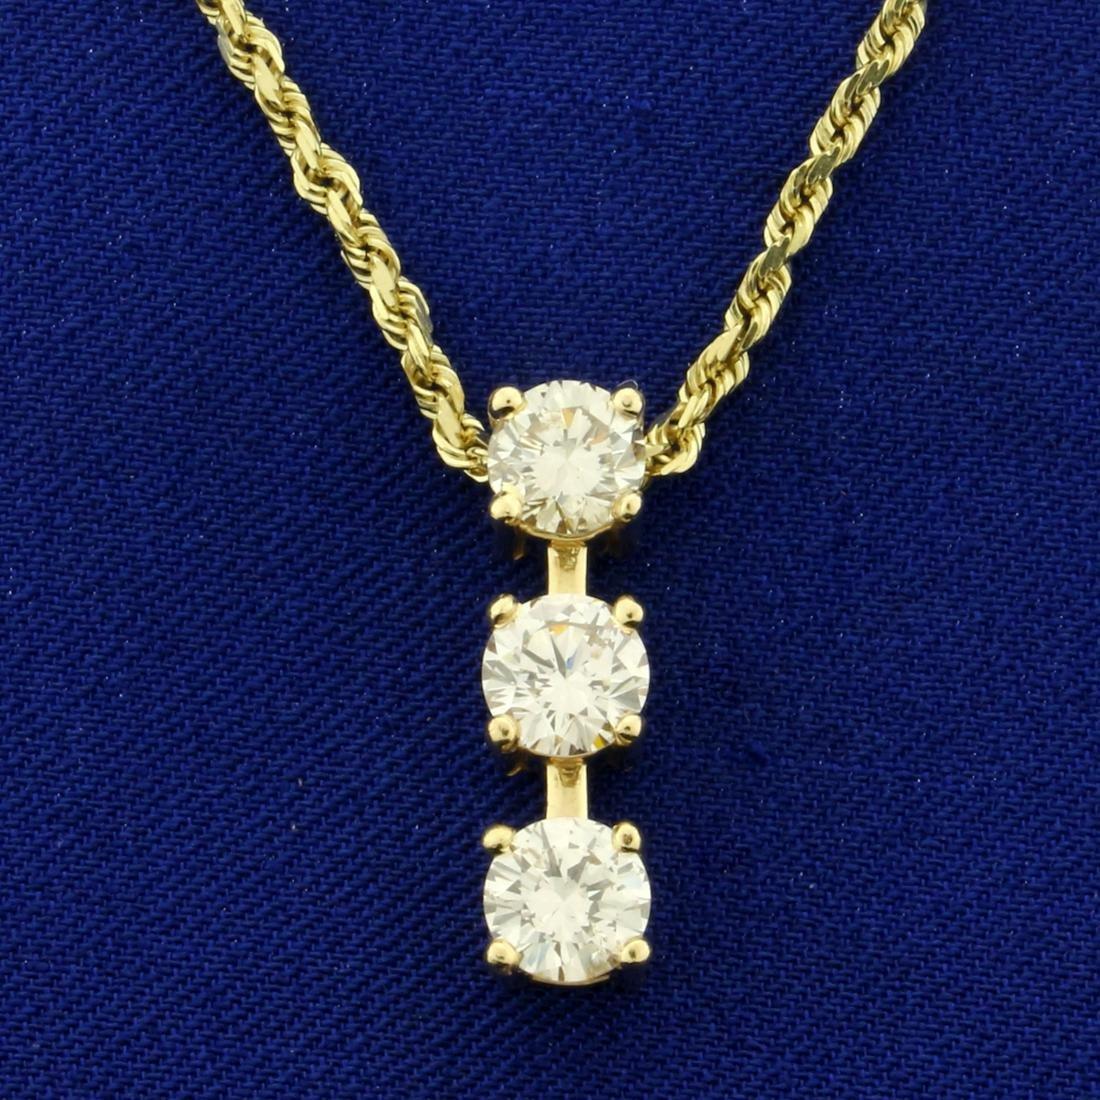 2.3ct TW 3 Stone Diamond Journey Pendant on Chain in